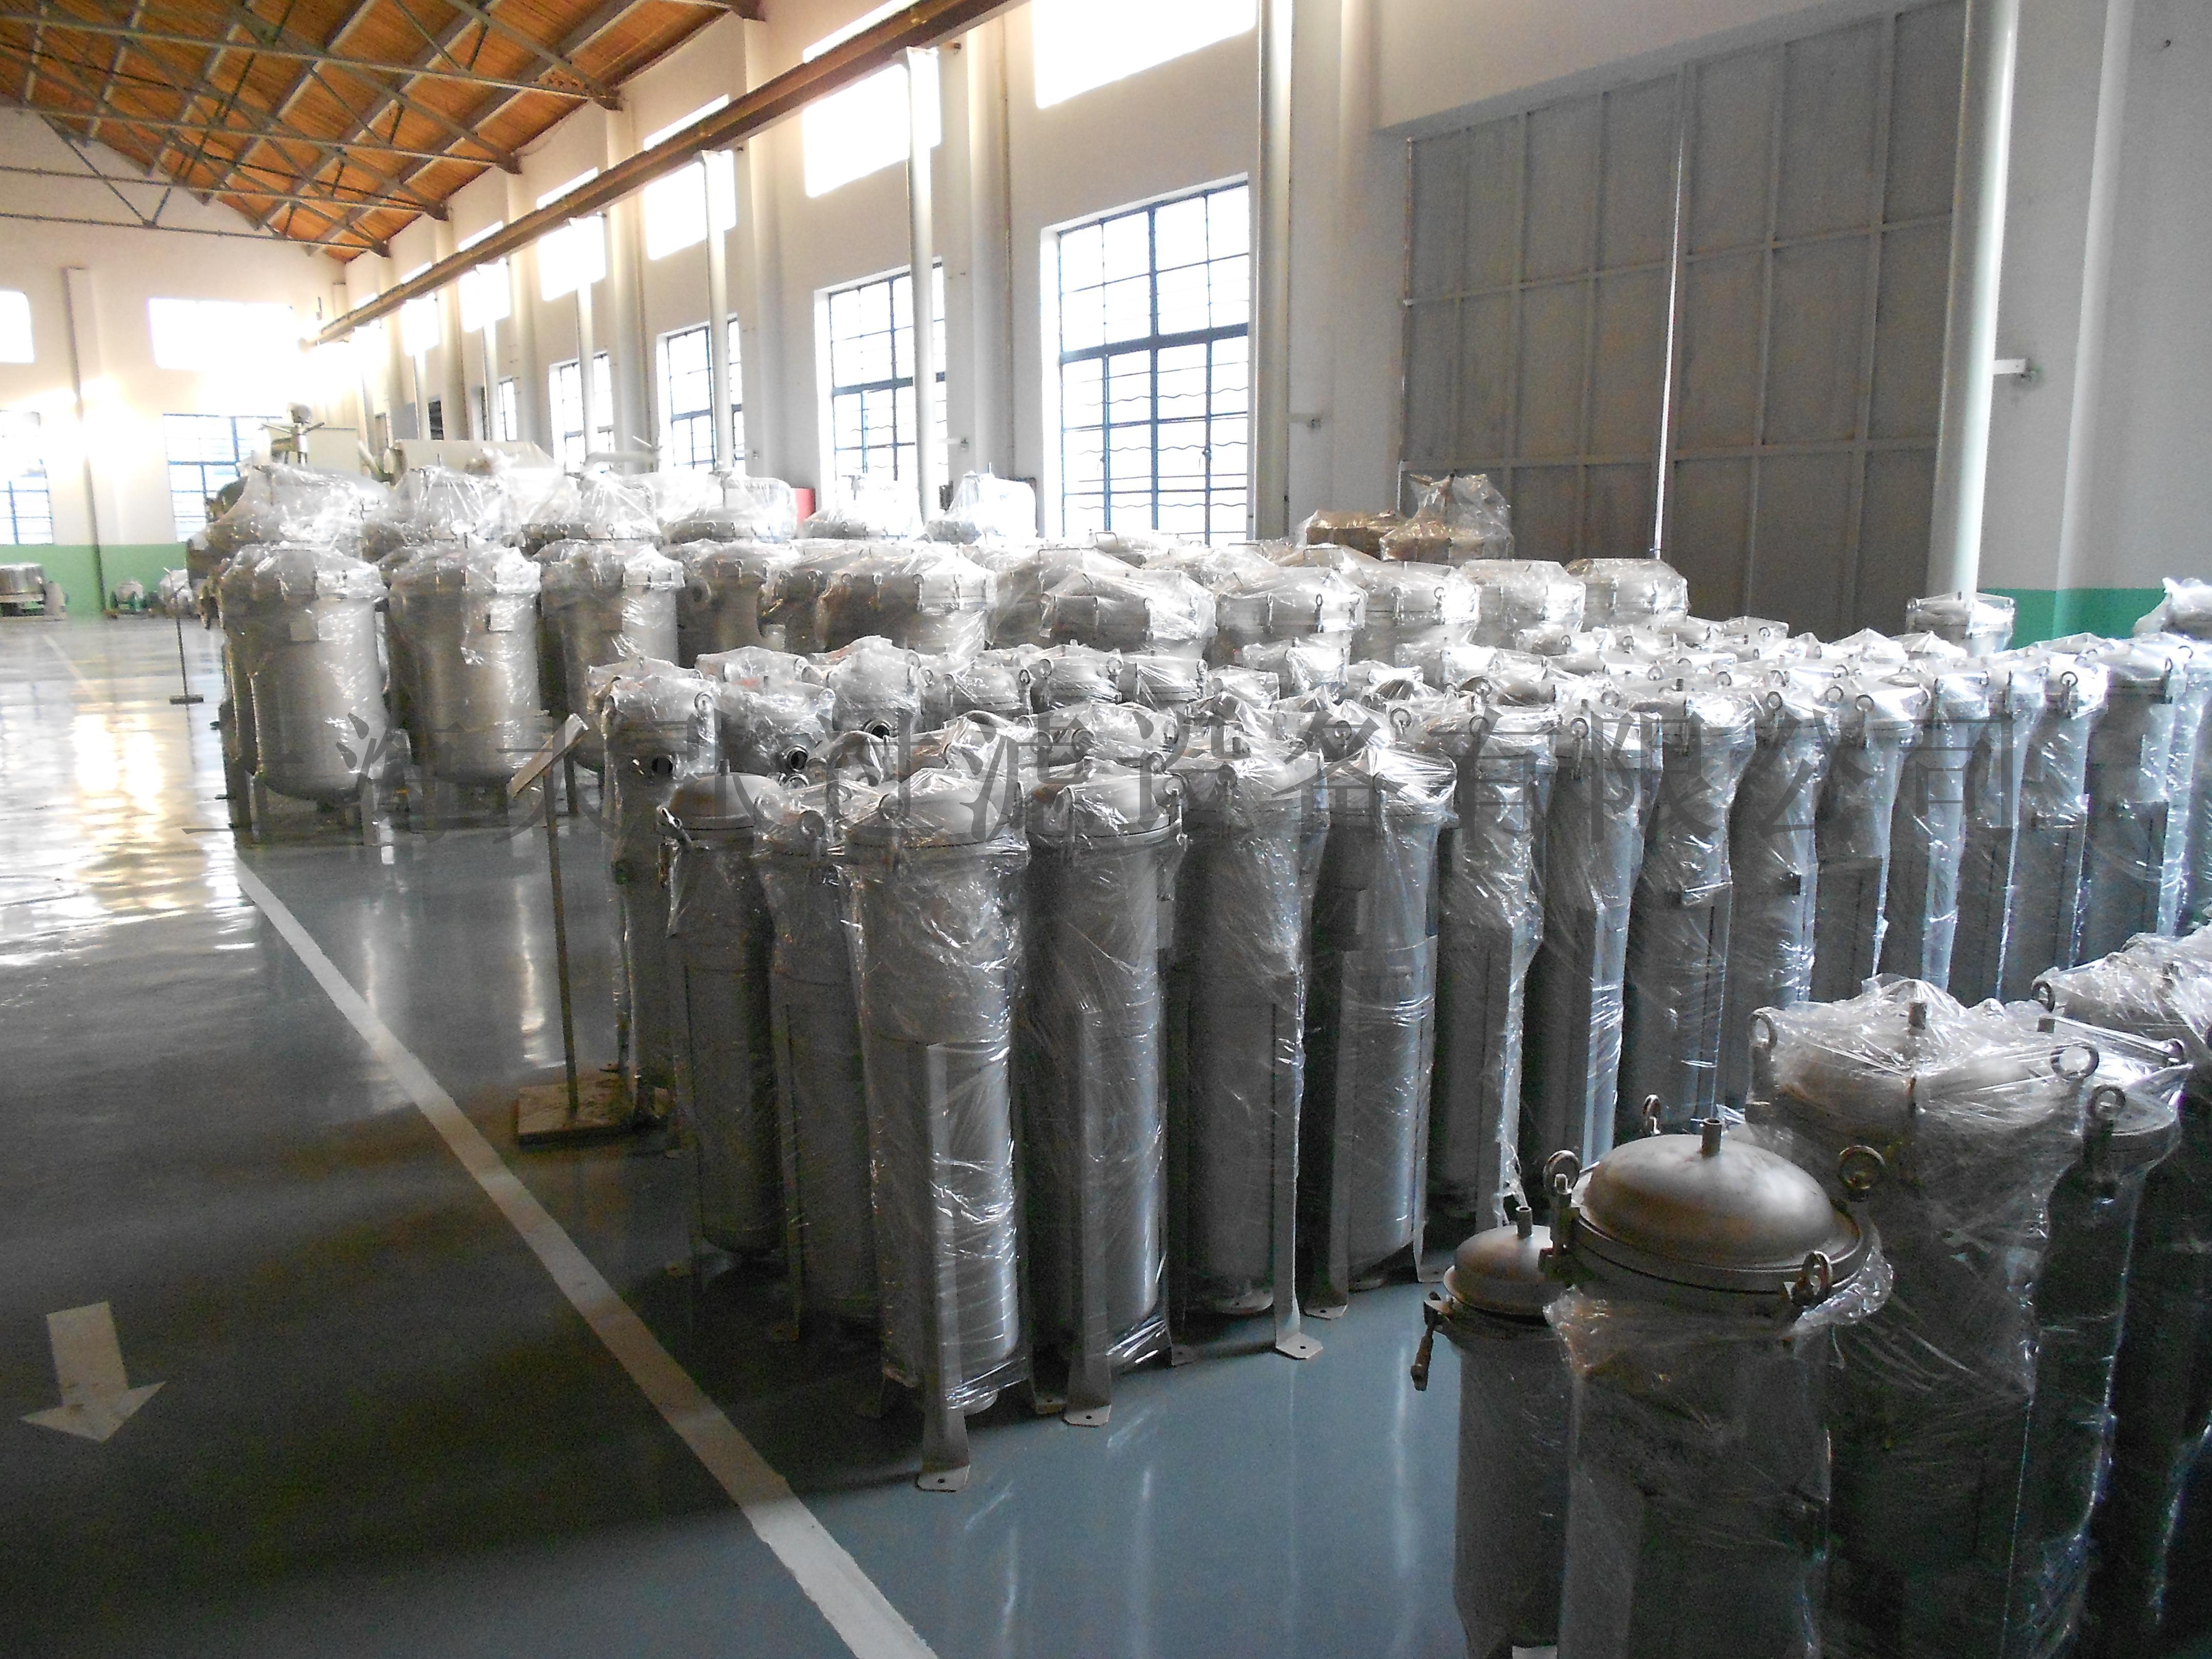 大张过滤器 袋式过滤器 厂家直销 品质保证78985755